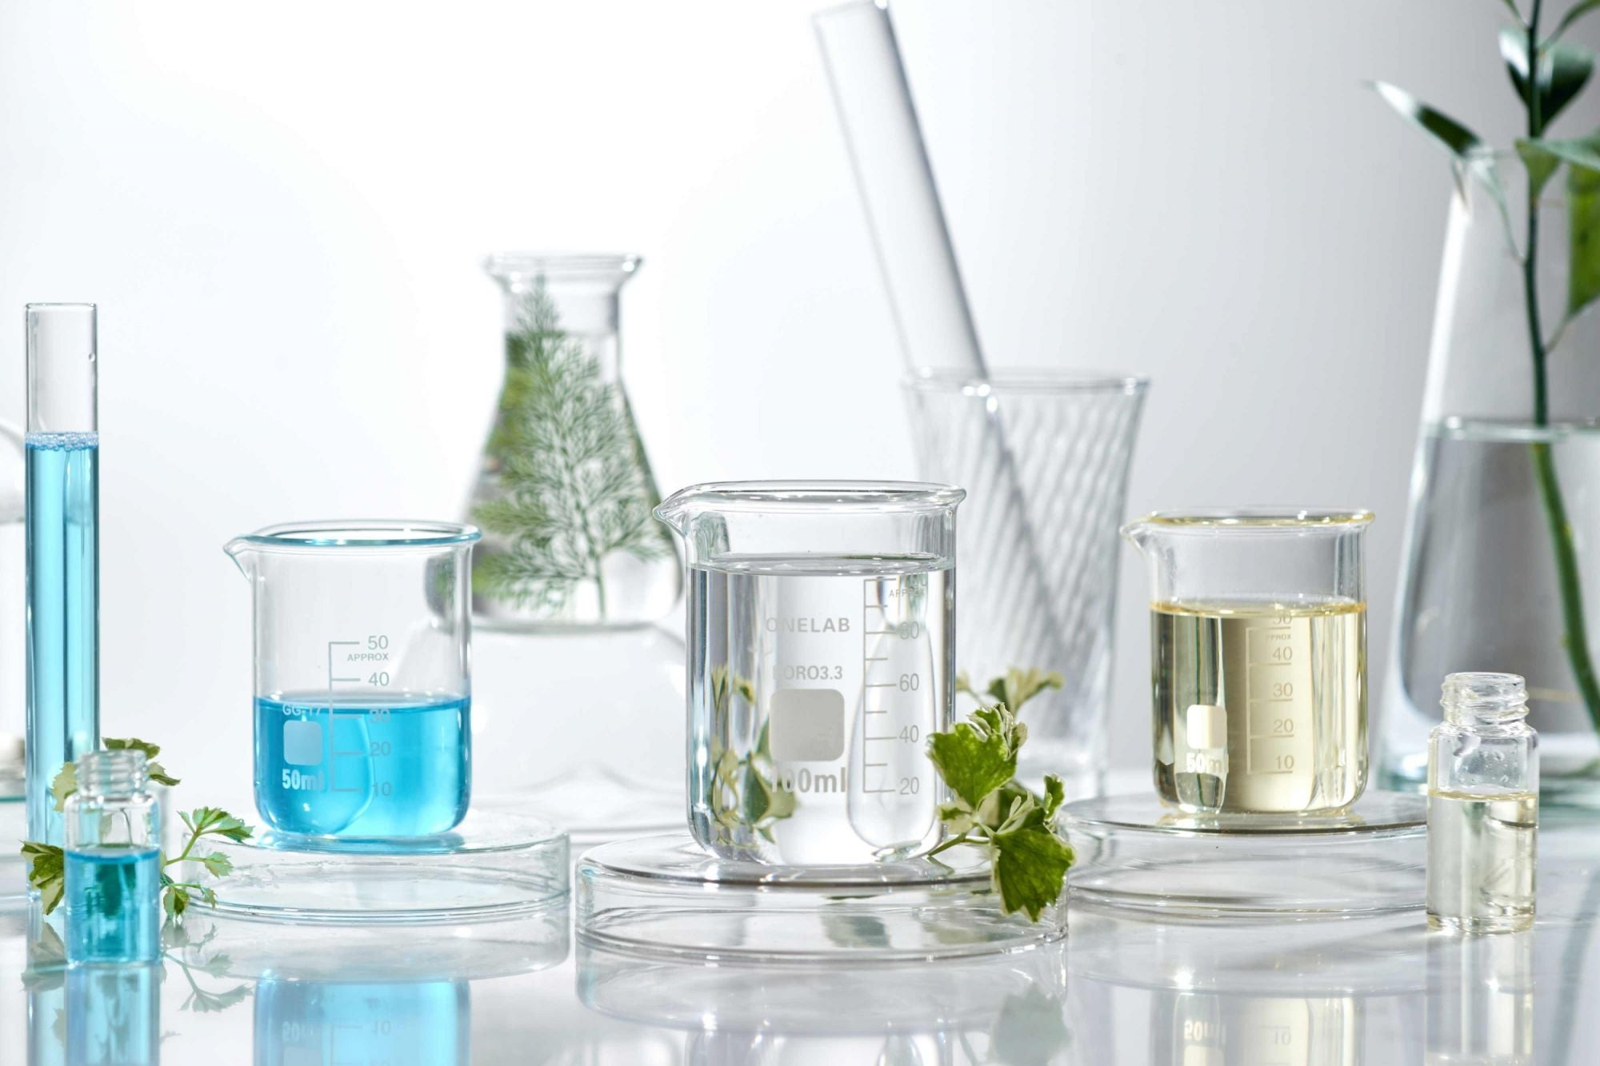 كورس التركيبات الصيدلانية